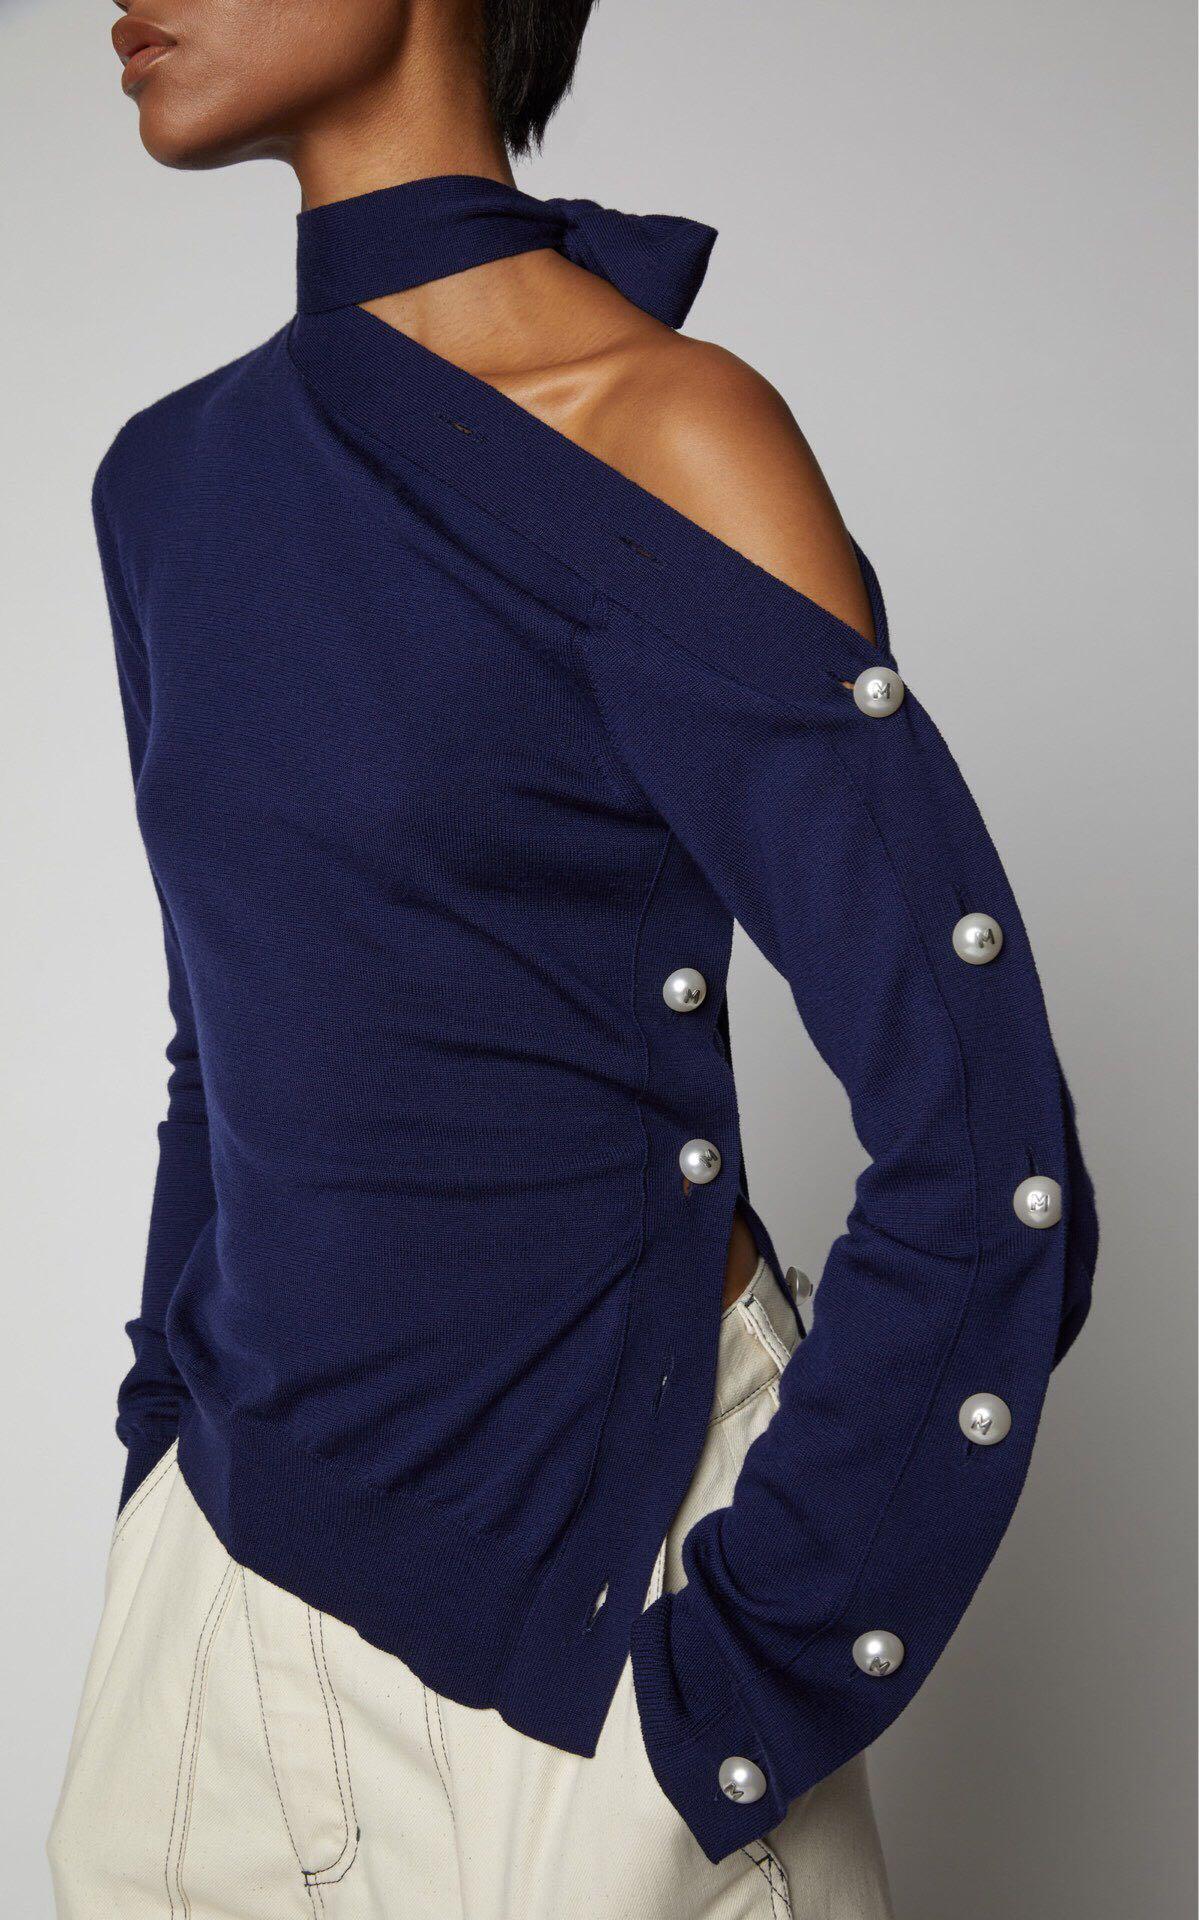 Inclinée Choker Conception Pull Bleu Femmes De Hiver Ornement Nouvelle En Fermoir L'épaule Perle Laine Féminin Effet blanc zUVjLqSMpG